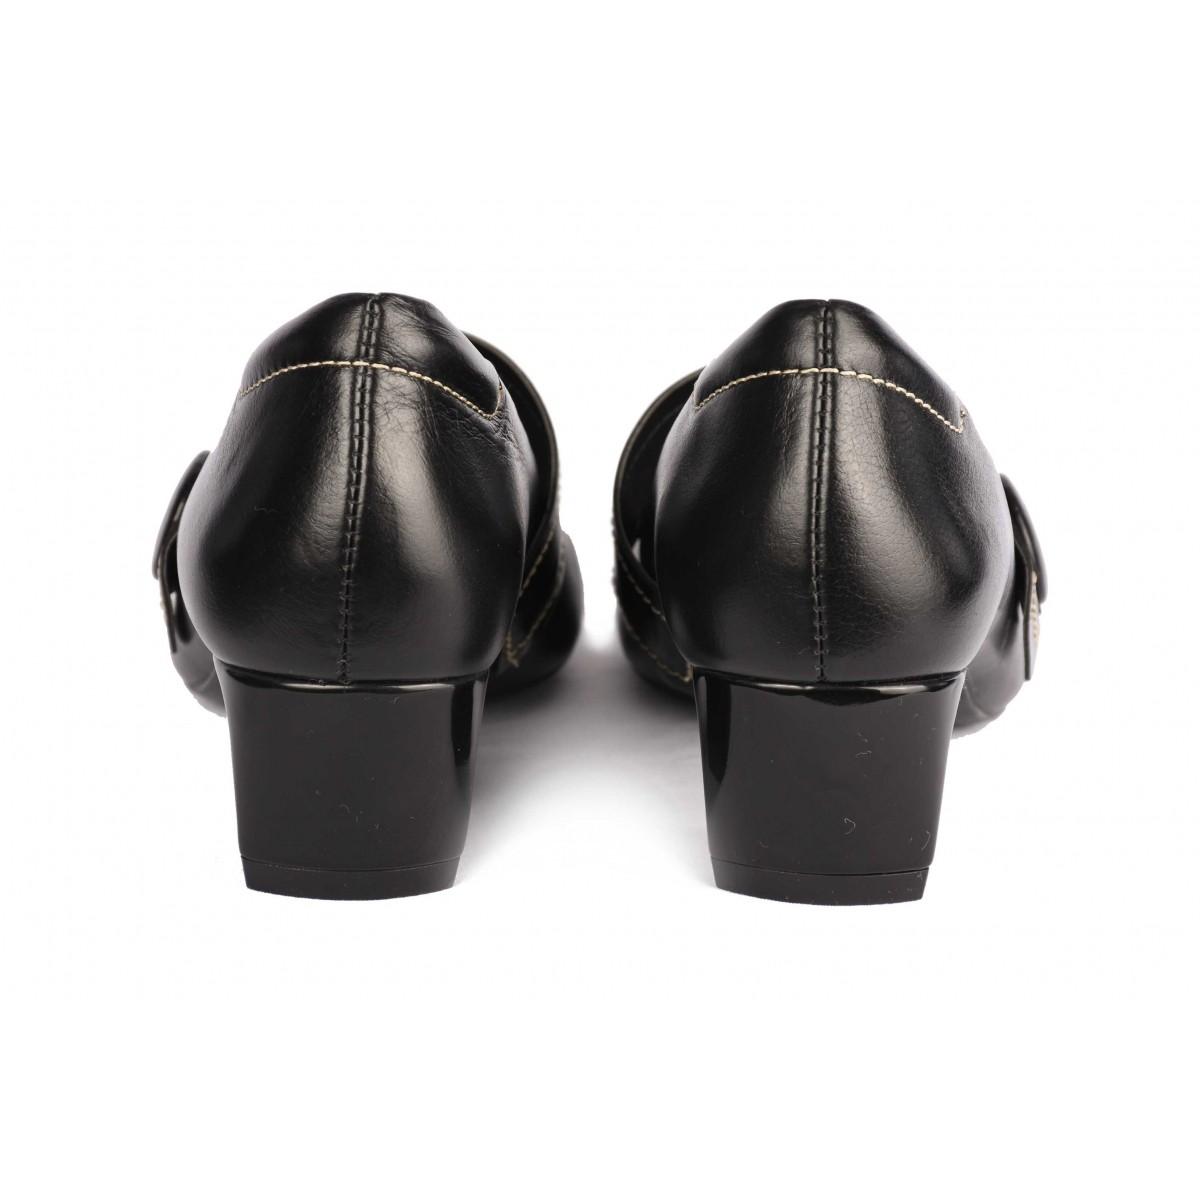 Mocassim Neftali Comfort preto, bico quadrado com passador, salto médio